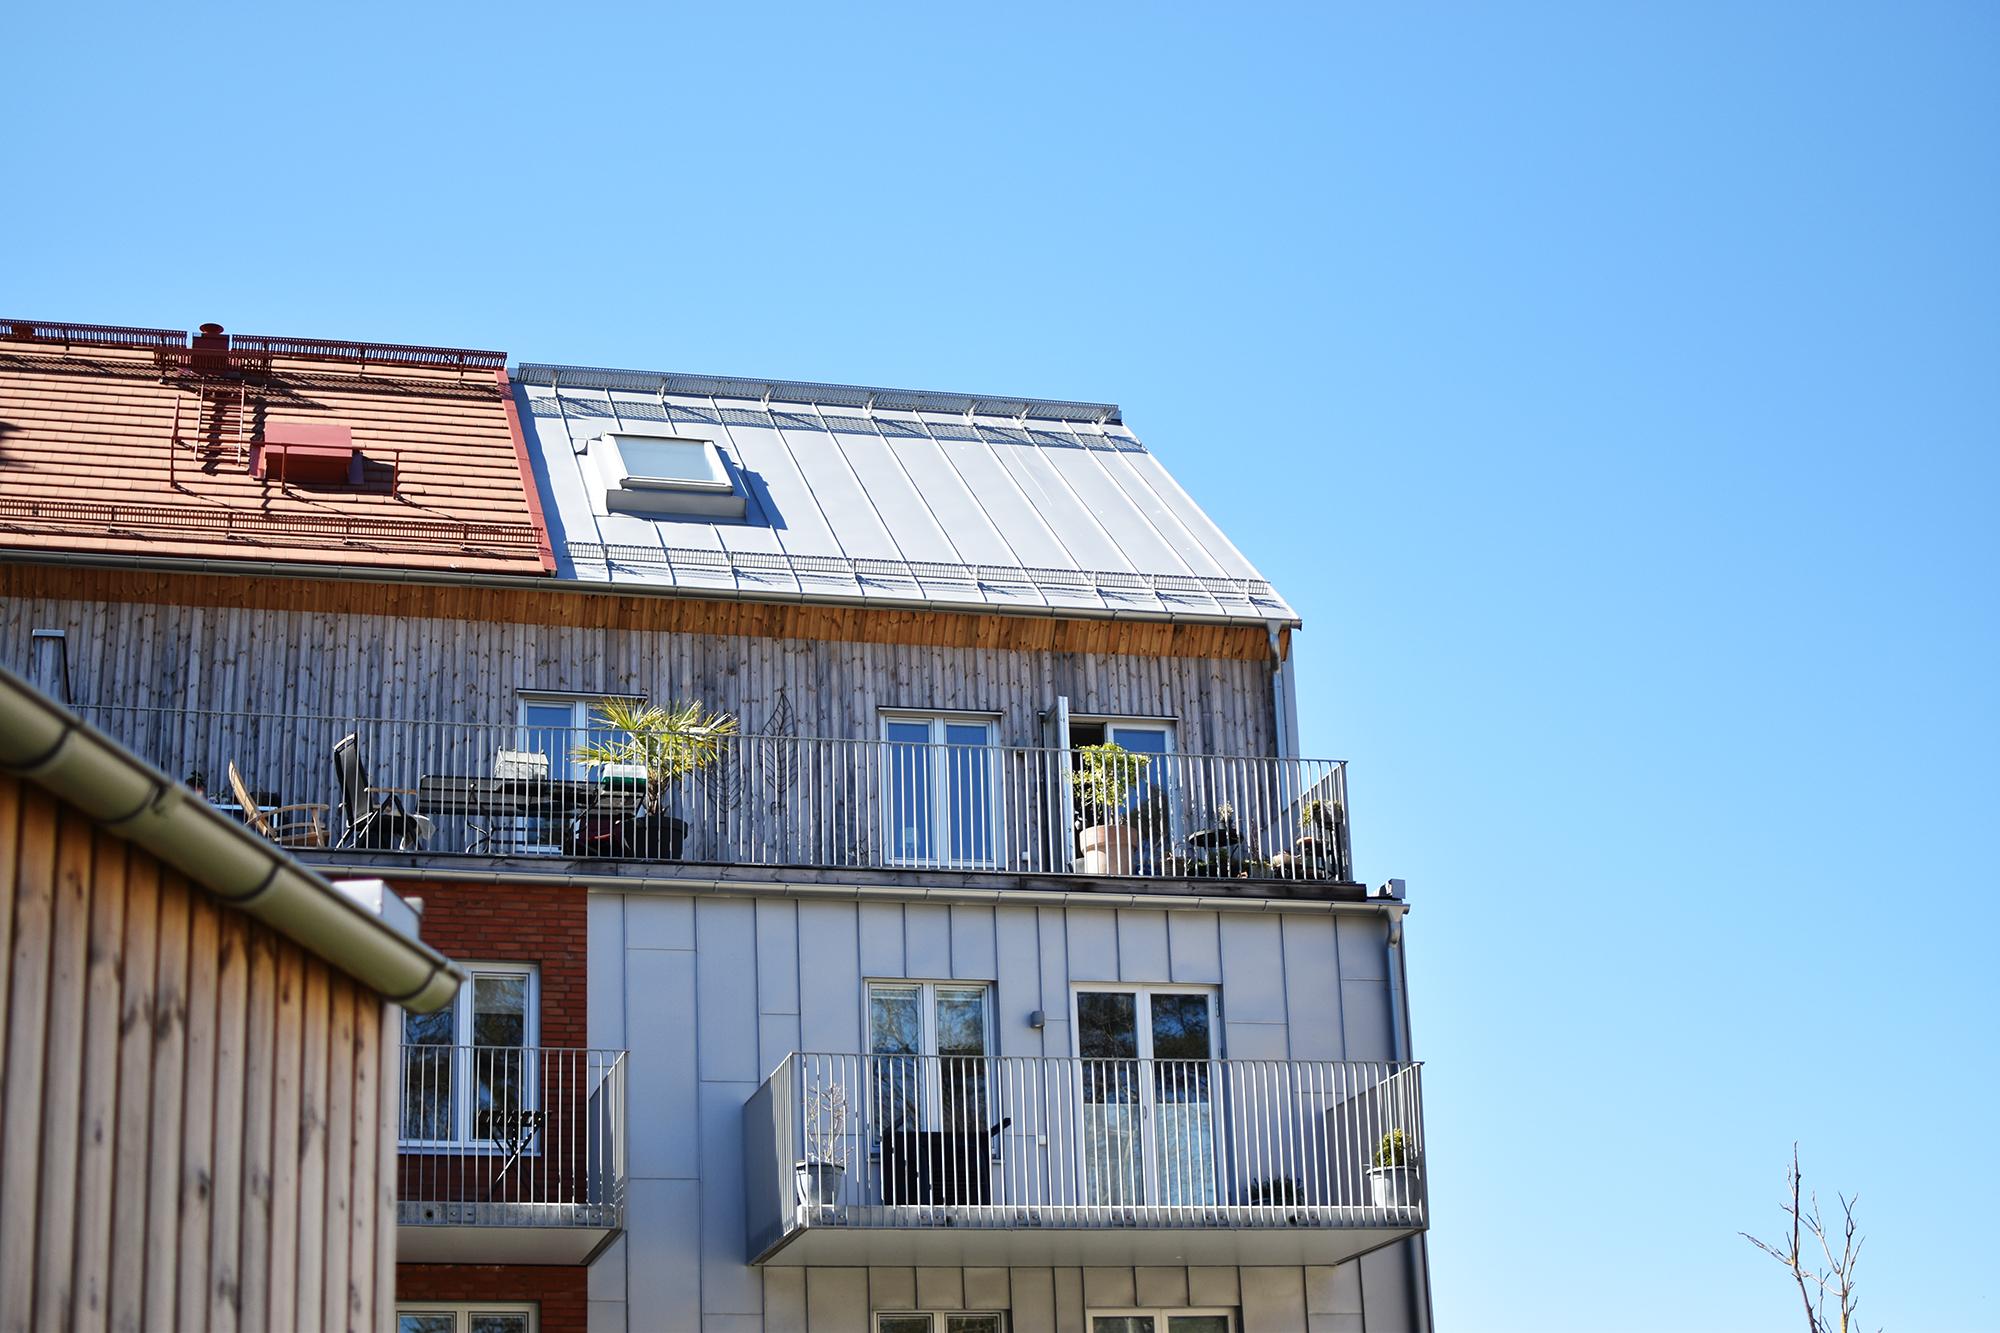 En bild på Skanska Brf Fritiden som är bostäder i Nya Hovås, söder om Göteborg city vid havet. Bostadsrätter.